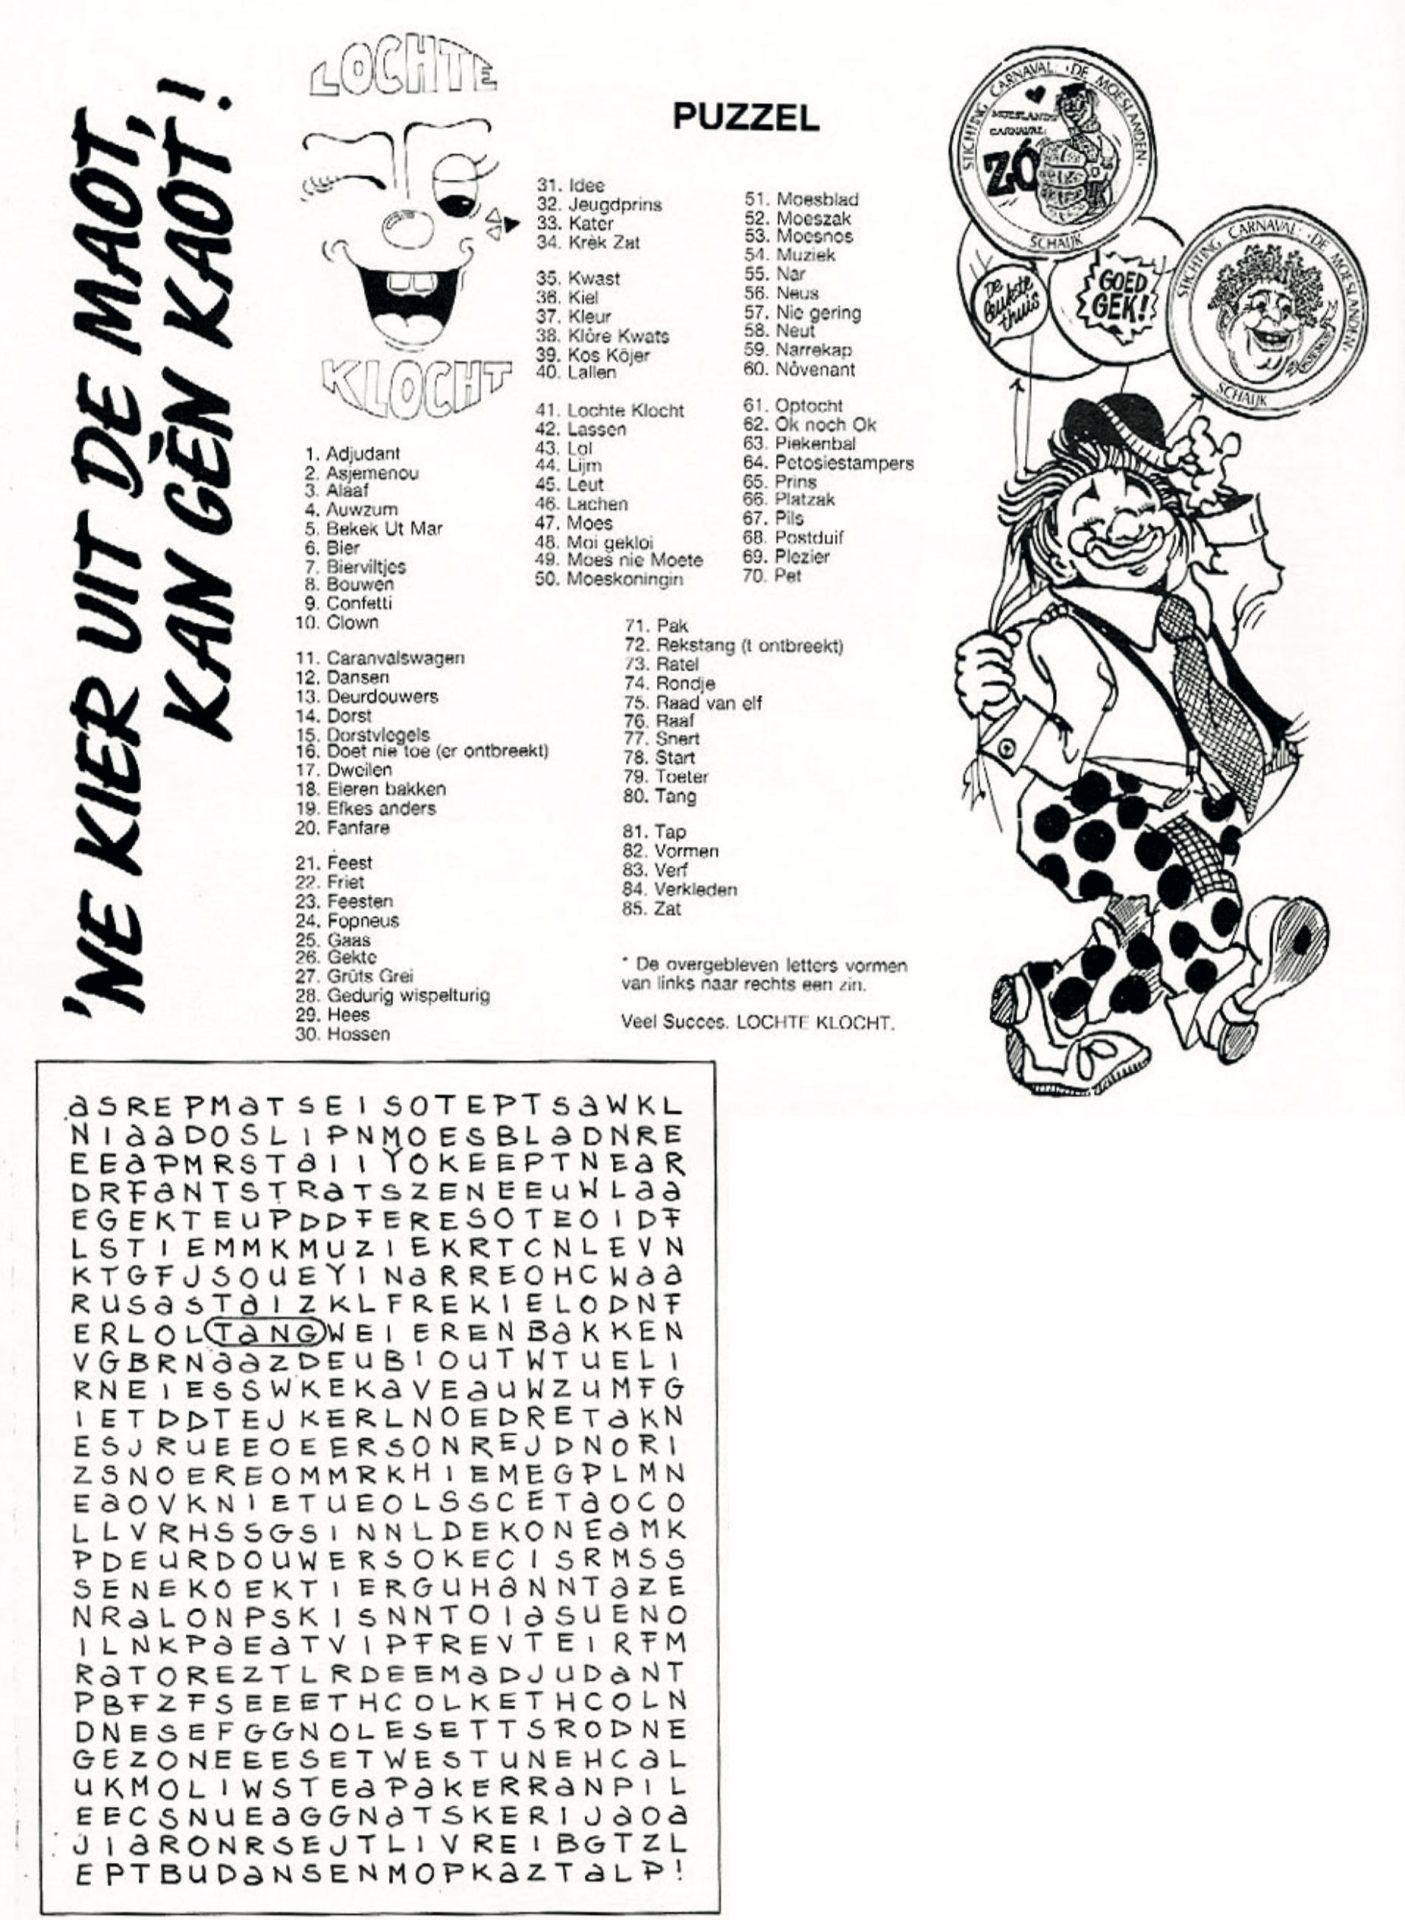 Stukje uit de carnavalskrant van Lochte Klocht - 1992